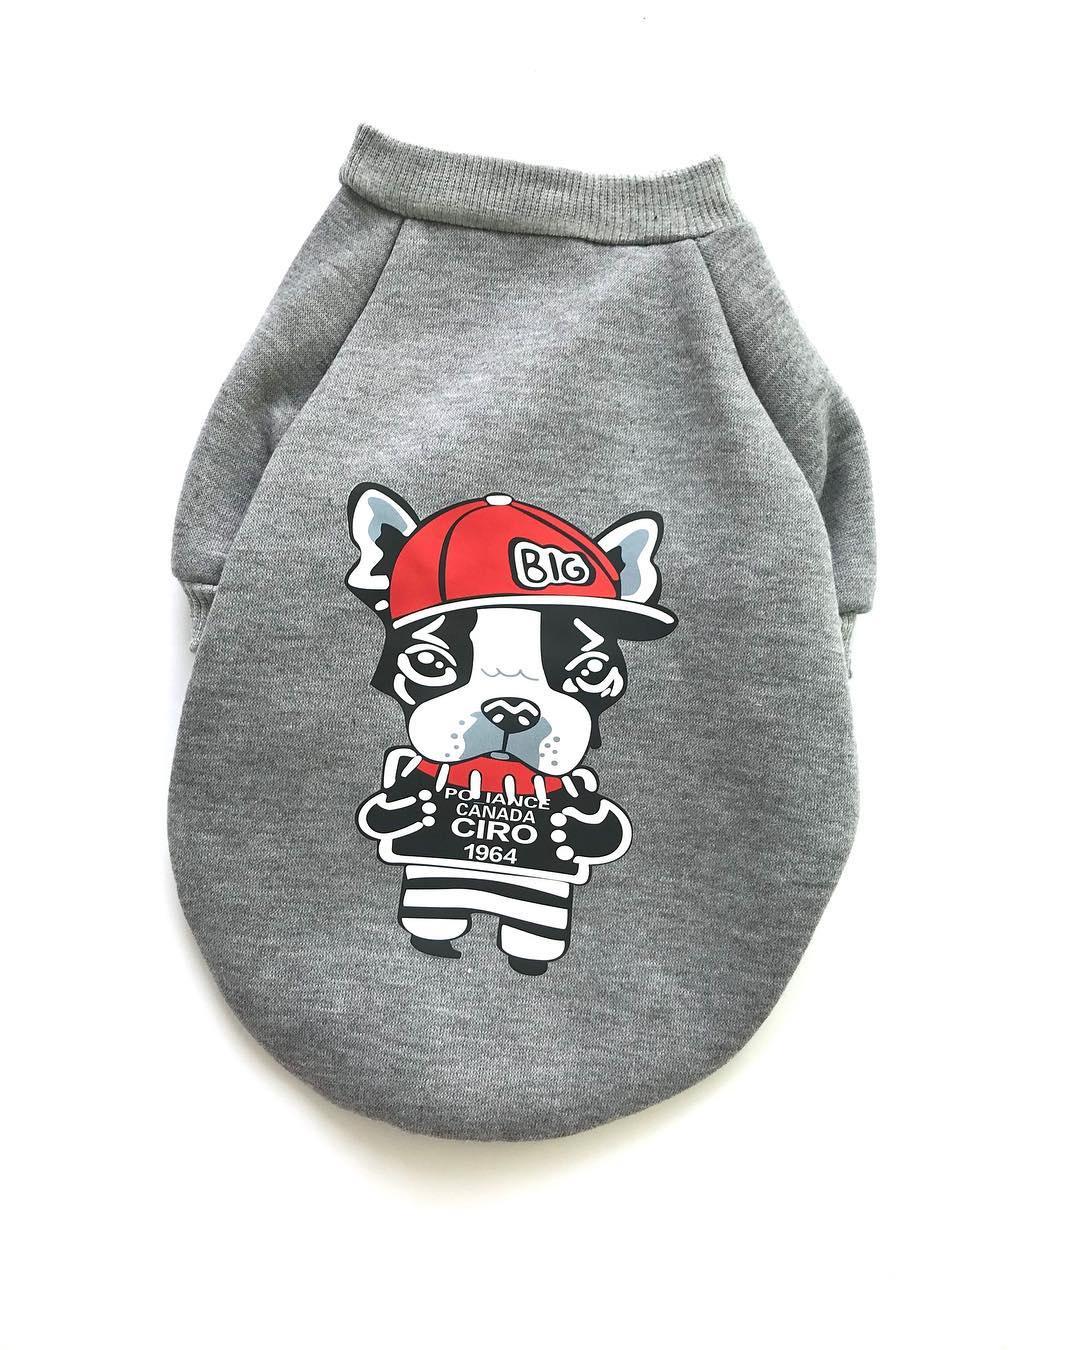 Одежда для собак Arnydog.ru Толстовка Серая с собакой L-57_s, серый